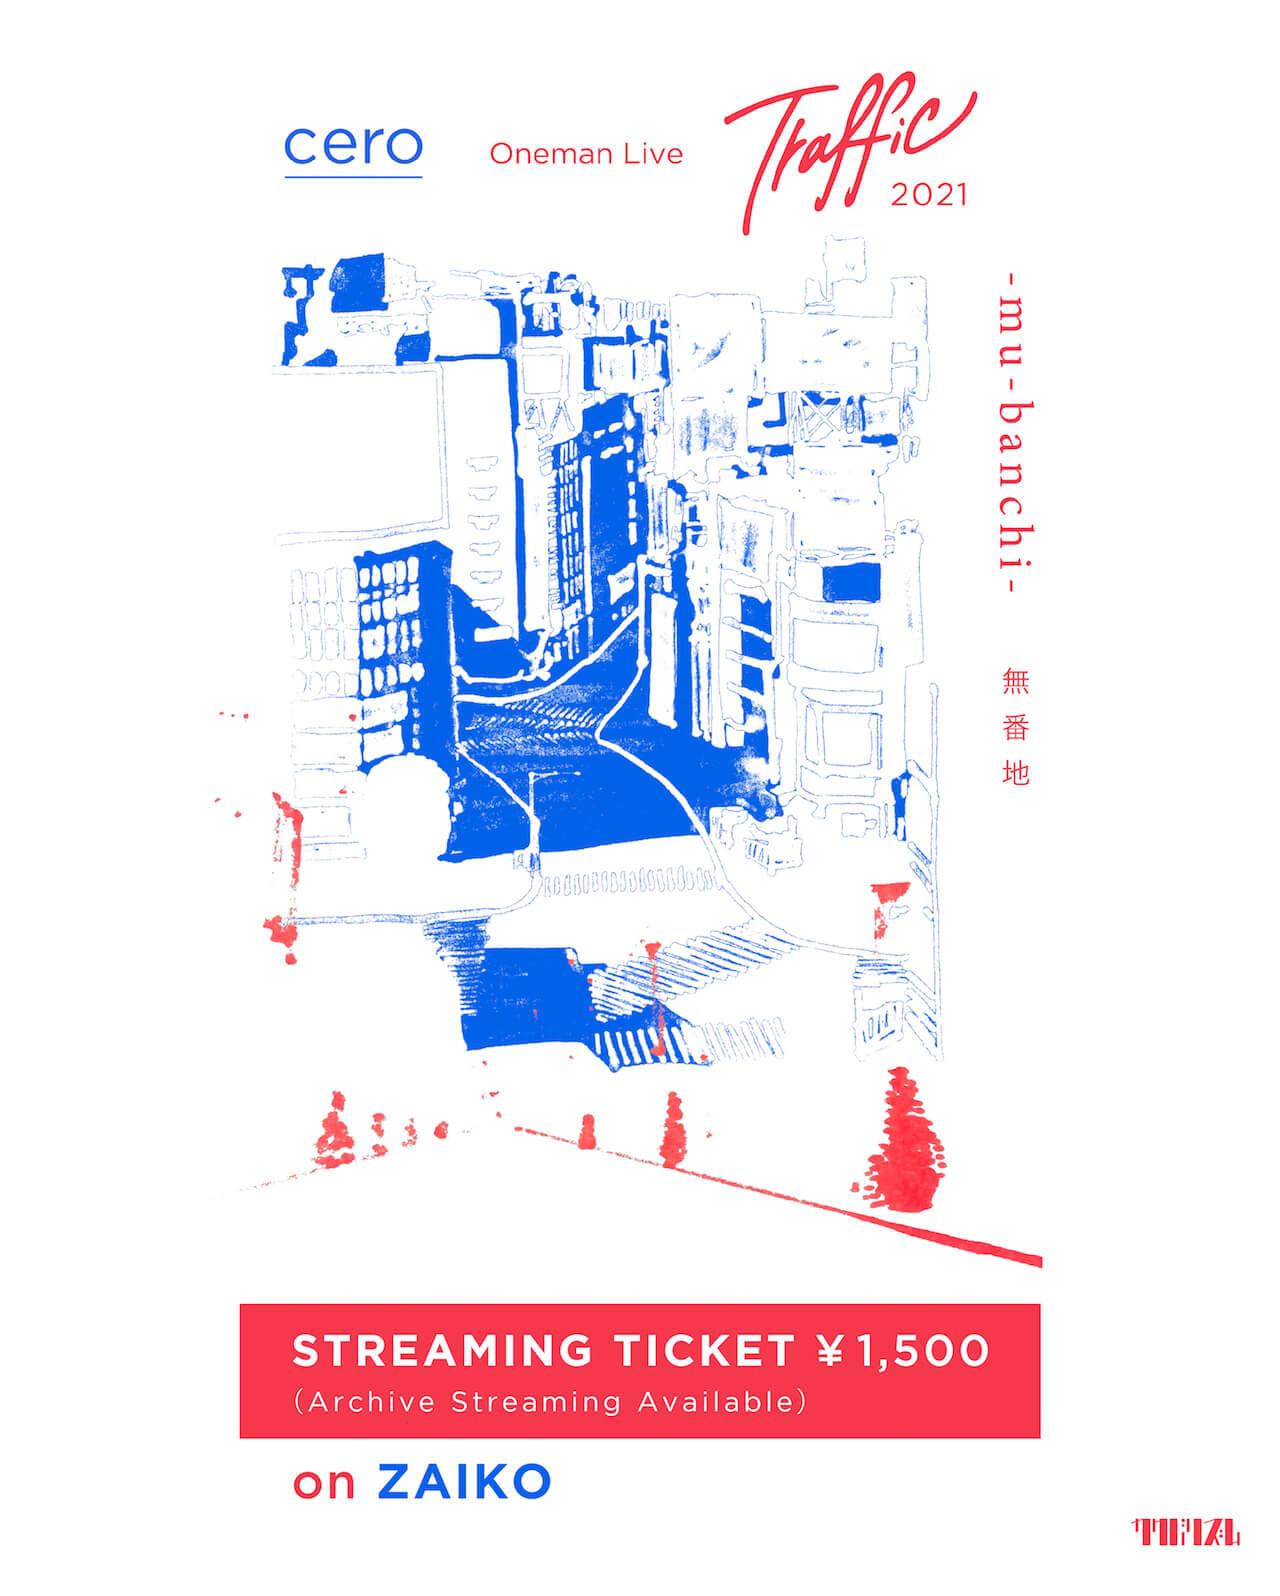 cero、夏の主催イベント「Traffic」番外編ワンマンのライブ配信決定 music210802-cero-2